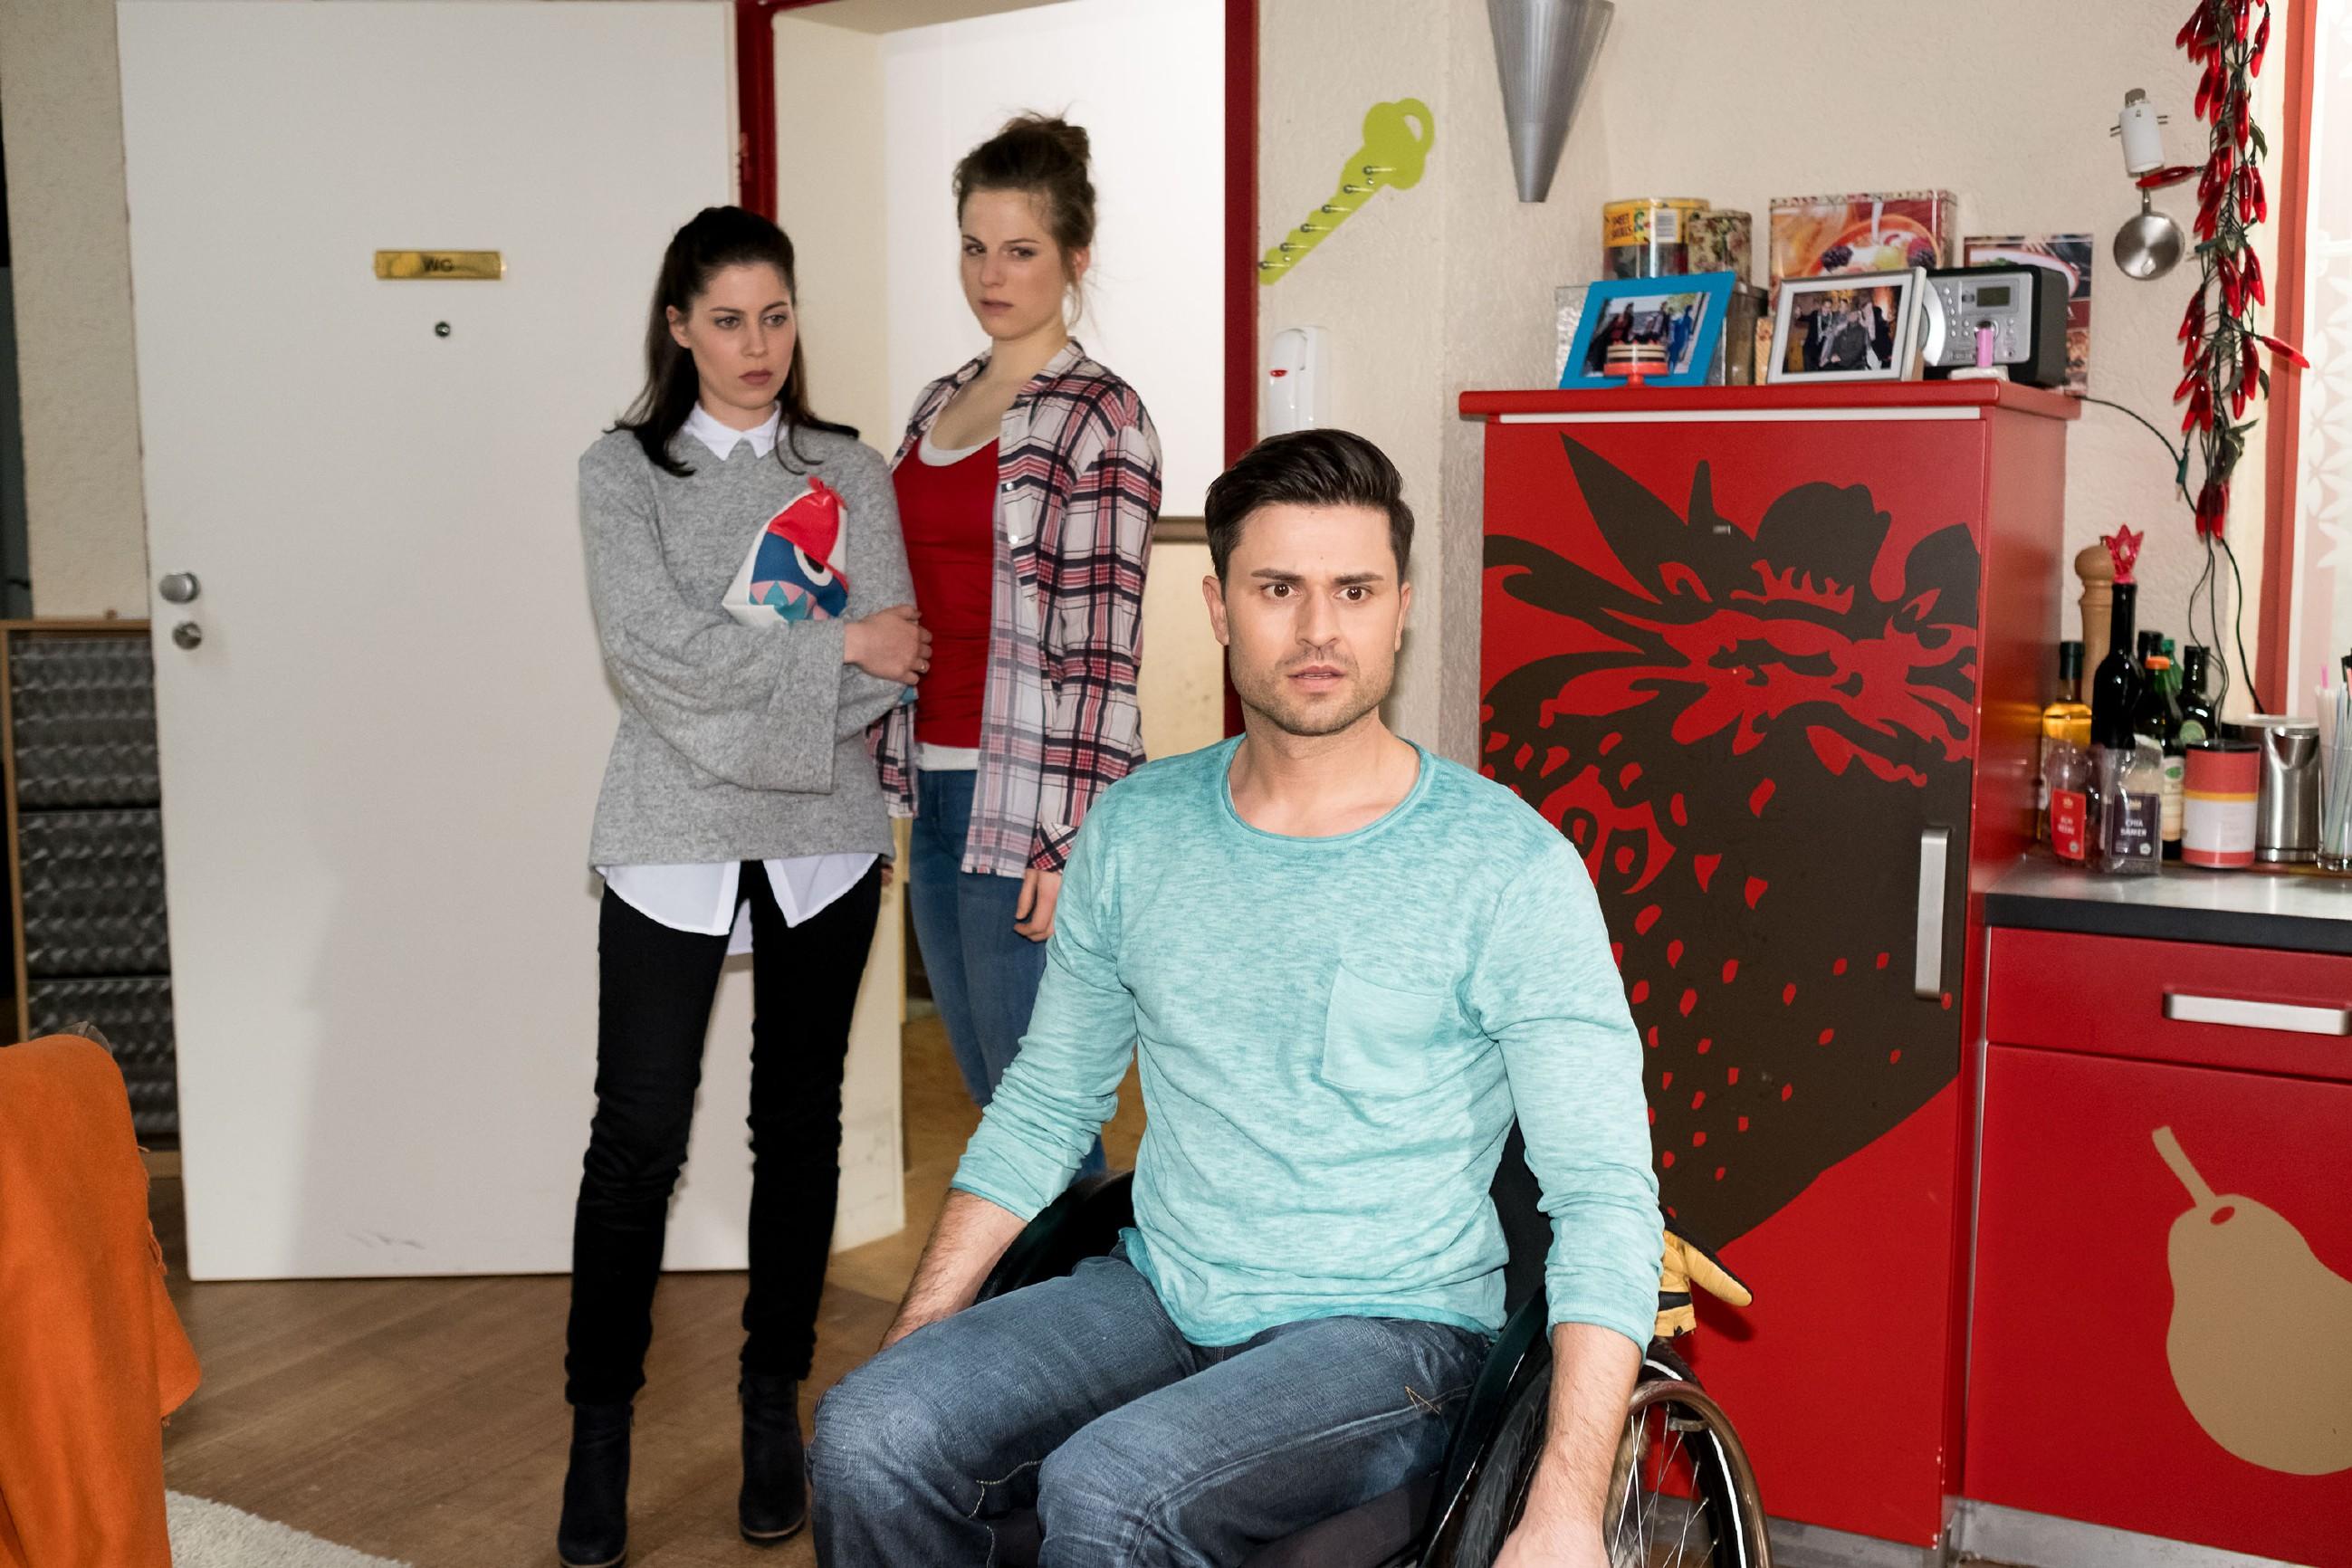 Als Paco (Milos Vukovic) merkt, dass Elli (Nora Koppen, M.) ihn nicht an sich heranlässt, sucht er Hilfe bei Sina (Valea Katharina Scalabrino), die Elli daraufhin erst einmal mit zu sich nimmt. (Quelle: RTL / Stefan Behrens)